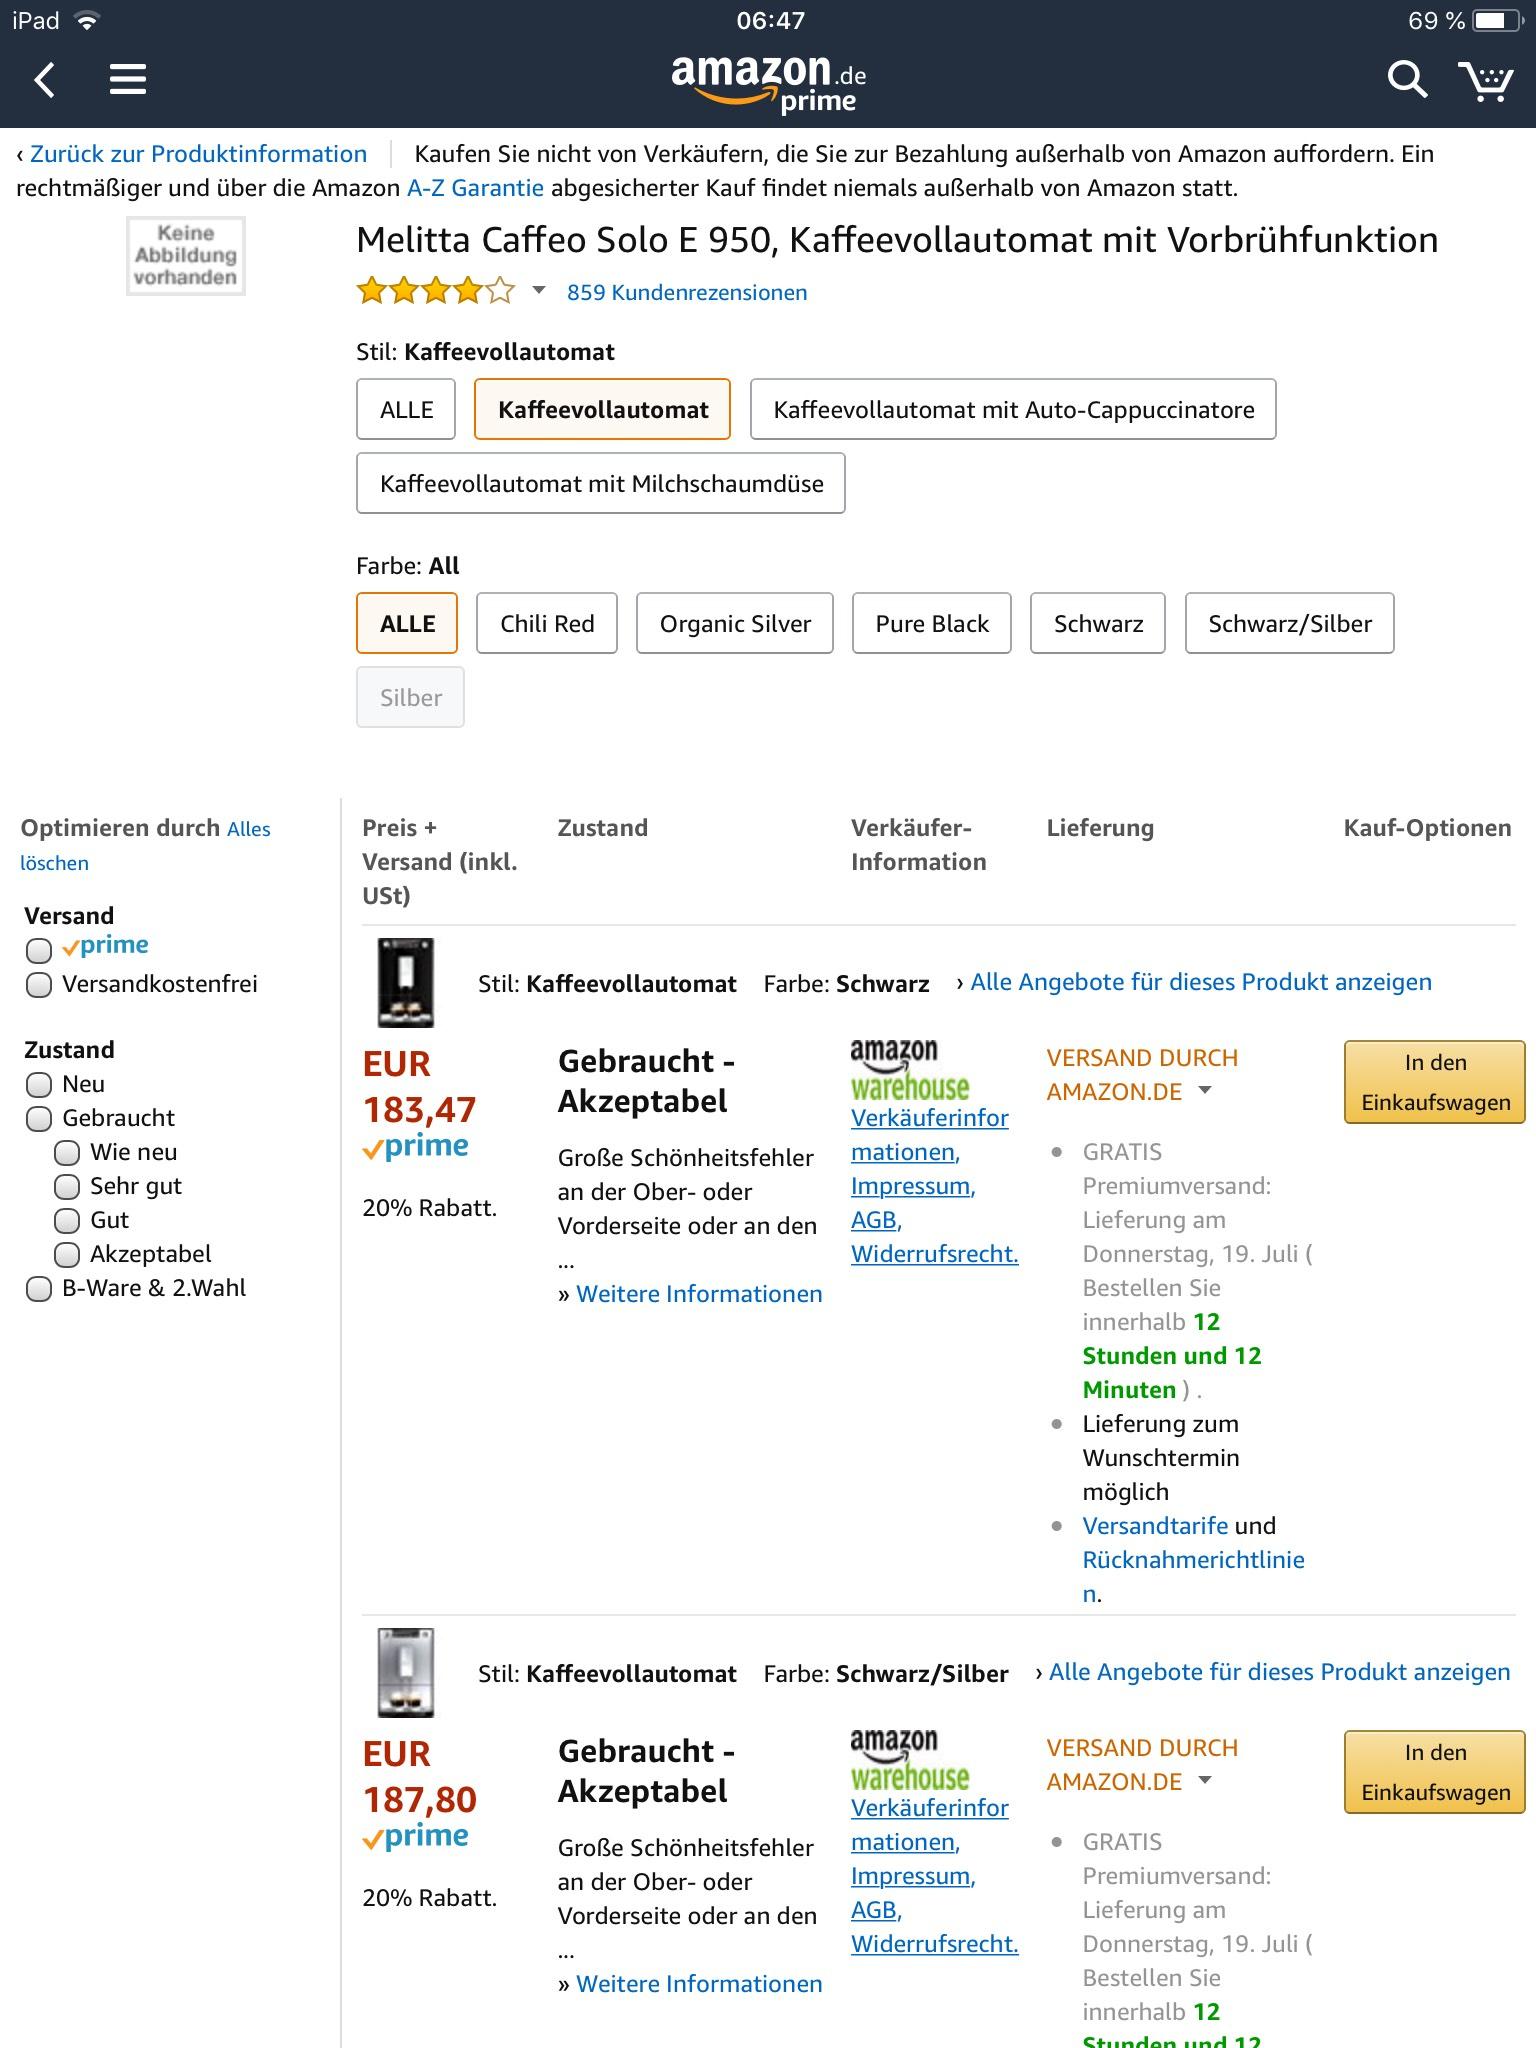 Melitta Caffeo Solo über Warehousedeals [Amazon Prime]